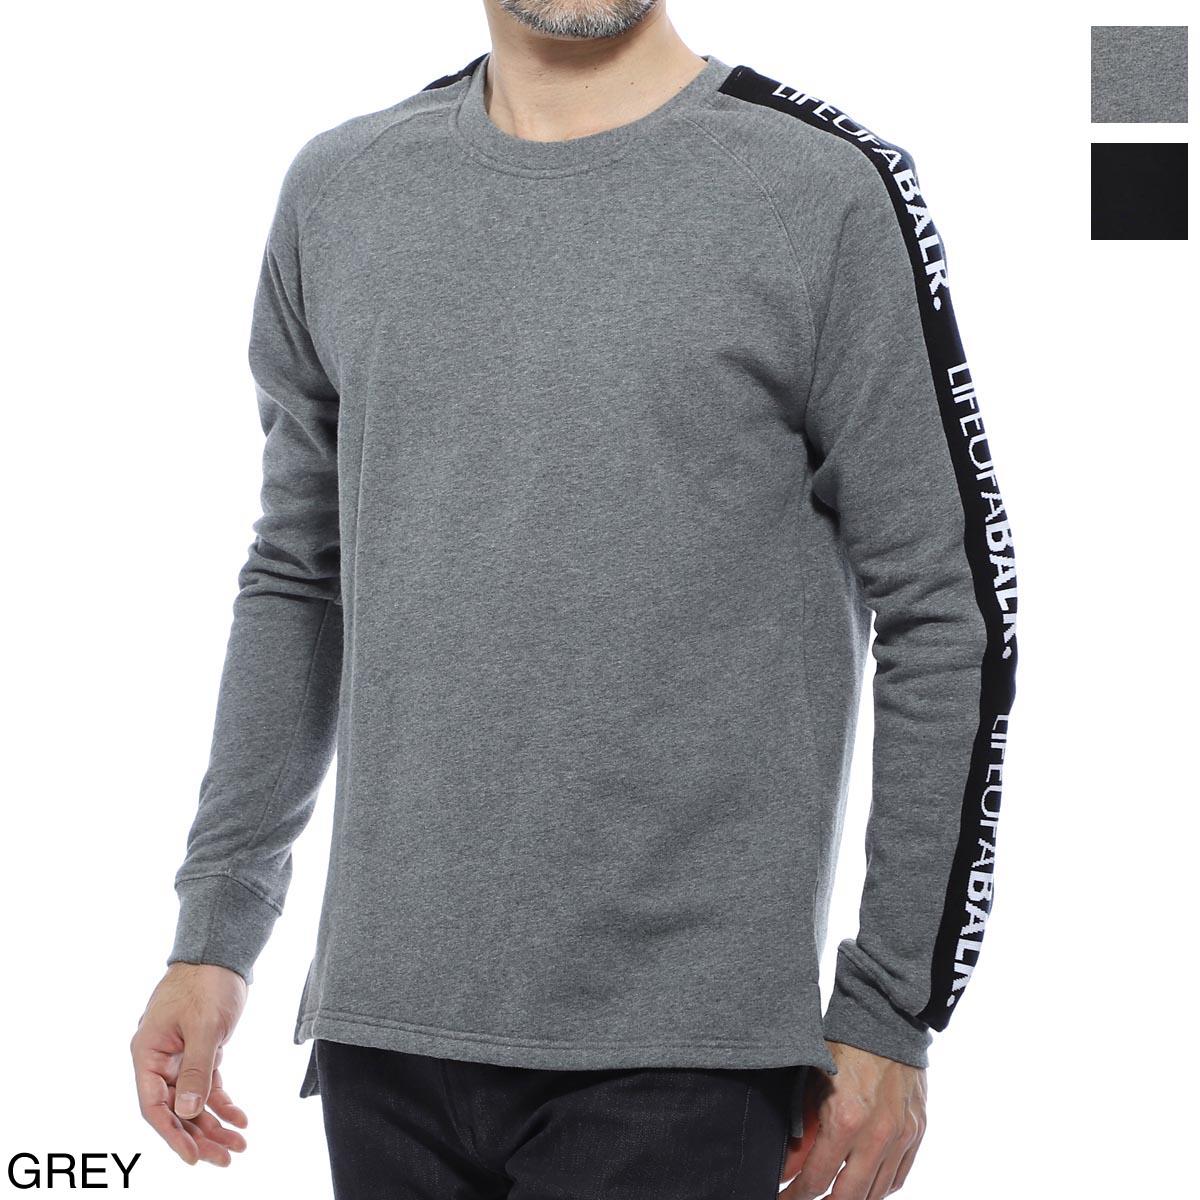 ボーラ― BALR. スウェット メンズ lifeofabalr tape crewneck sweater grey LIFEOFBALR TAPE CREWNECK SWEATER【あす楽対応_関東】【返品送料無料】【ラッピング無料】